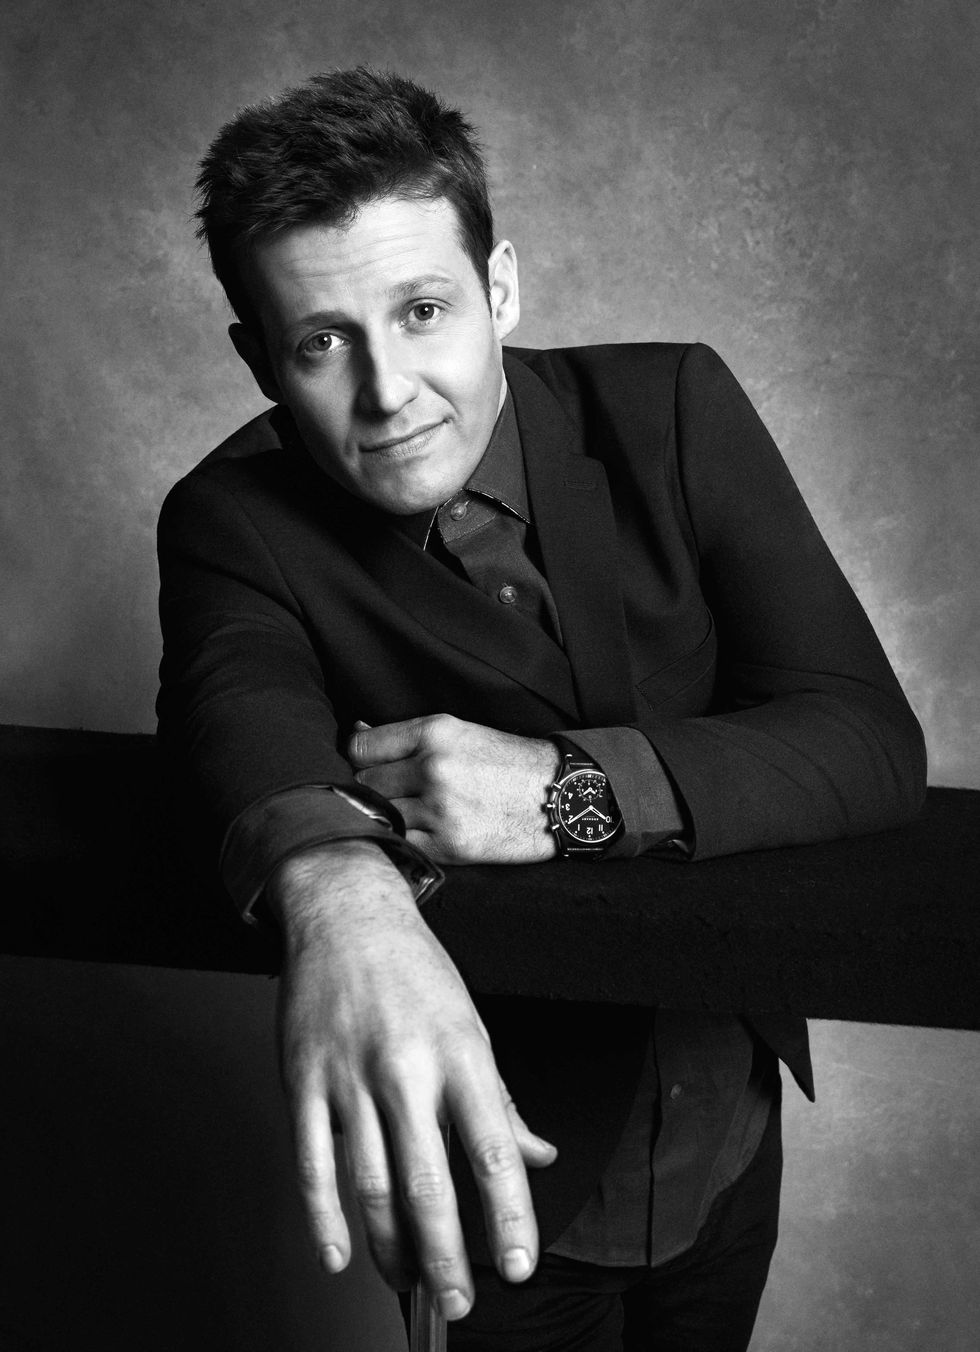 Will Estes black and white portrait